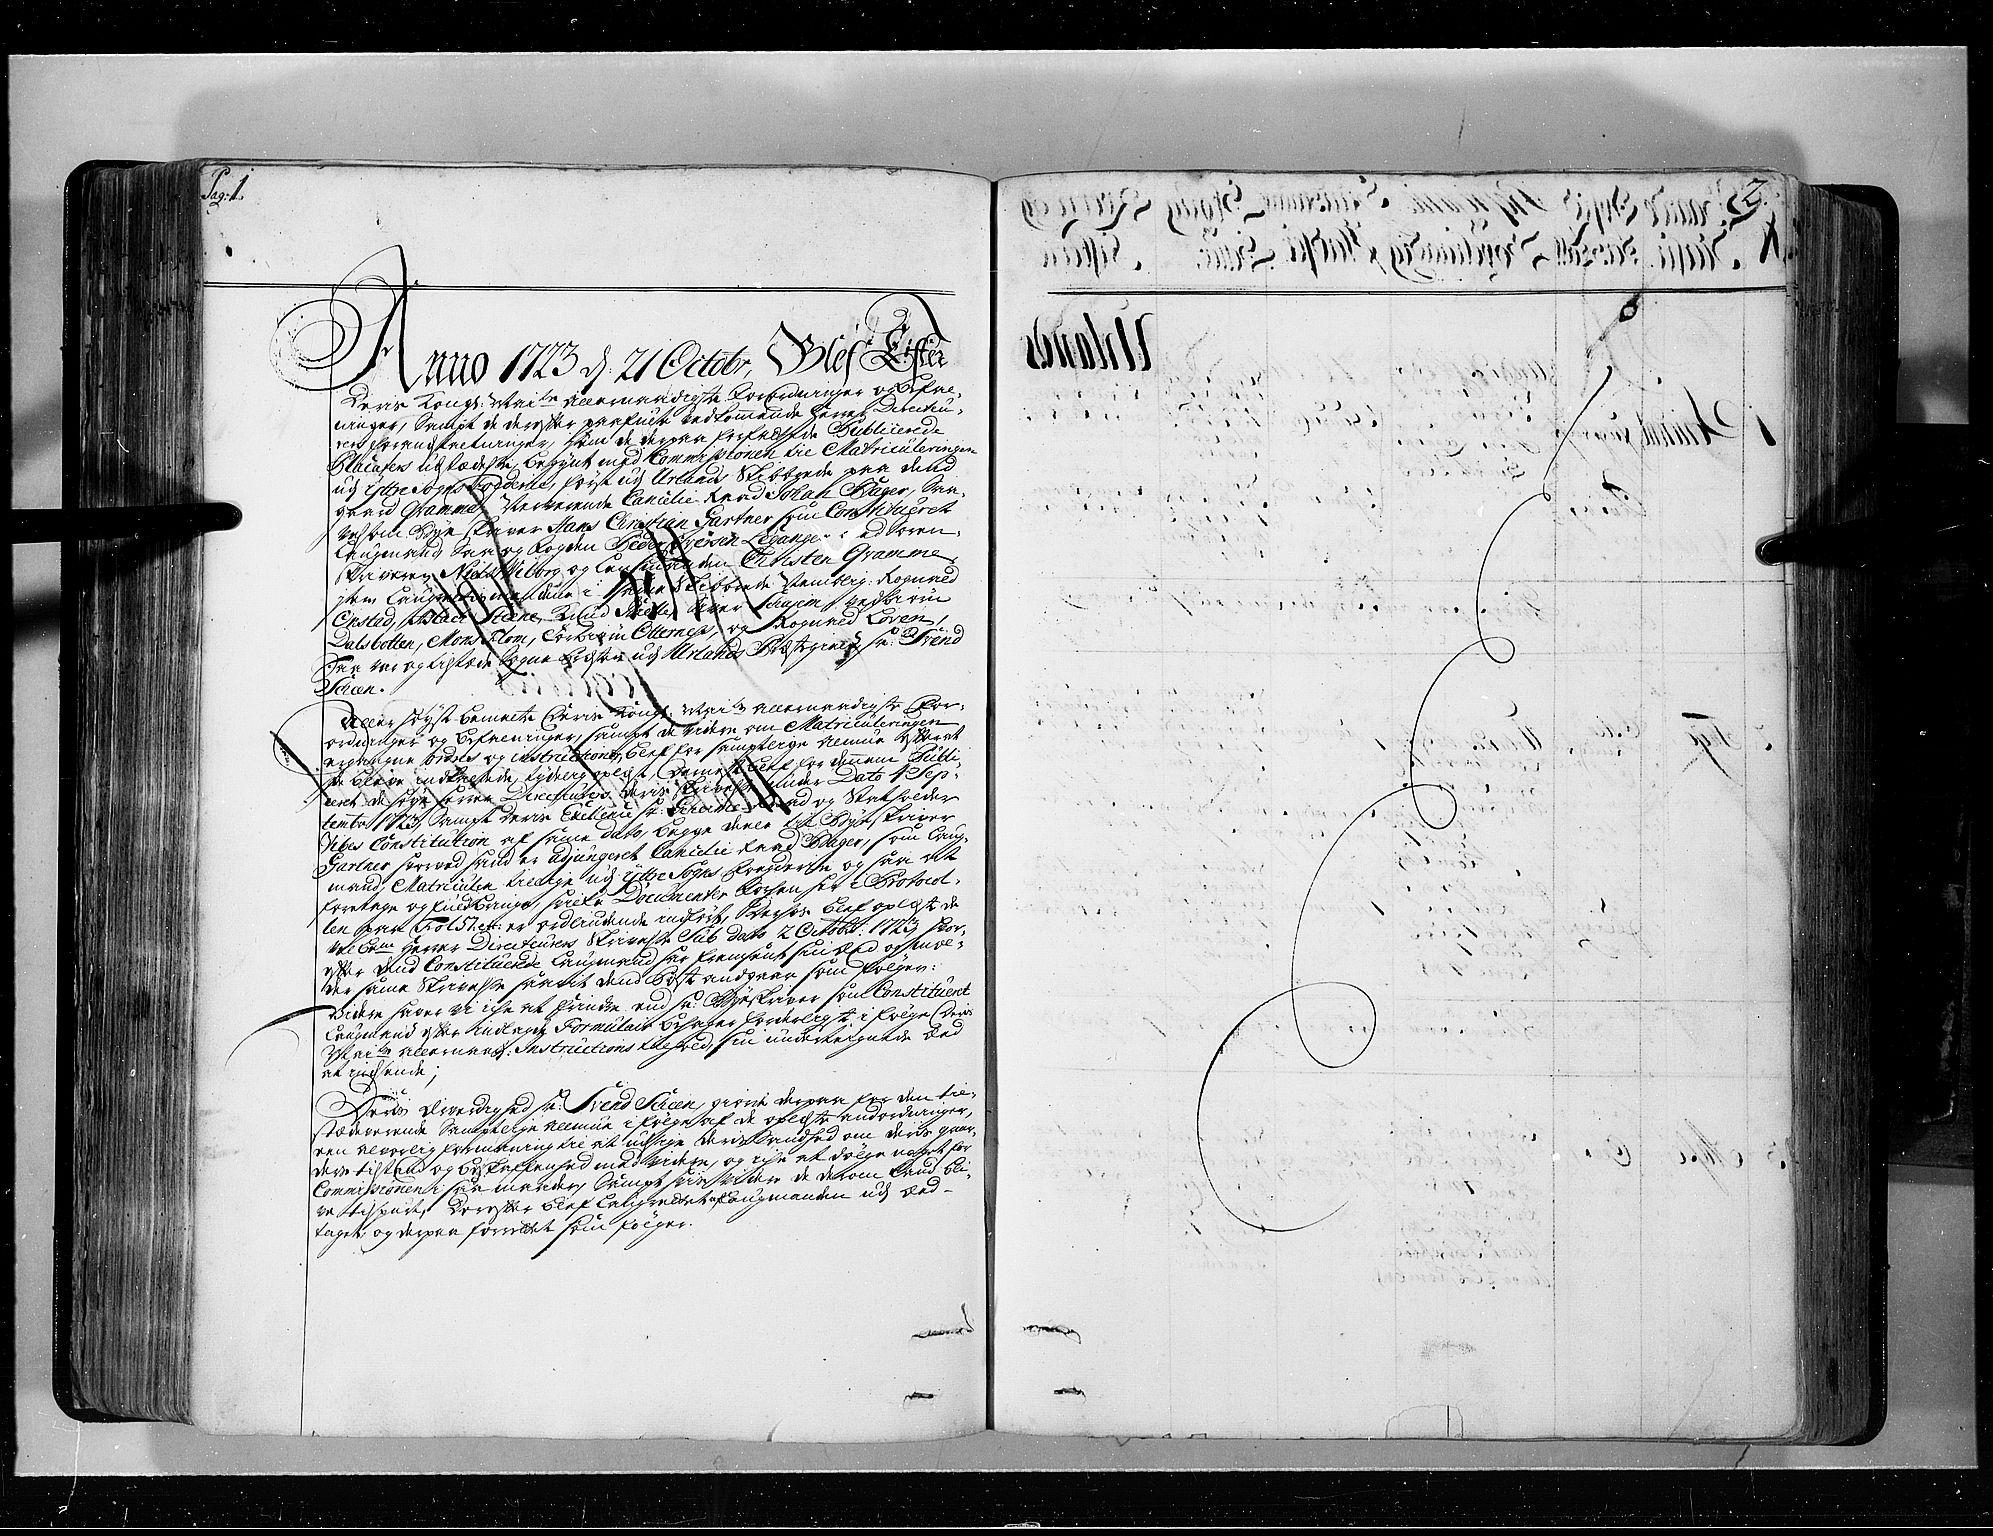 RA, Rentekammeret inntil 1814, Realistisk ordnet avdeling, N/Nb/Nbf/L0143: Ytre og Indre Sogn eksaminasjonsprotokoll, 1723, s. 1-2